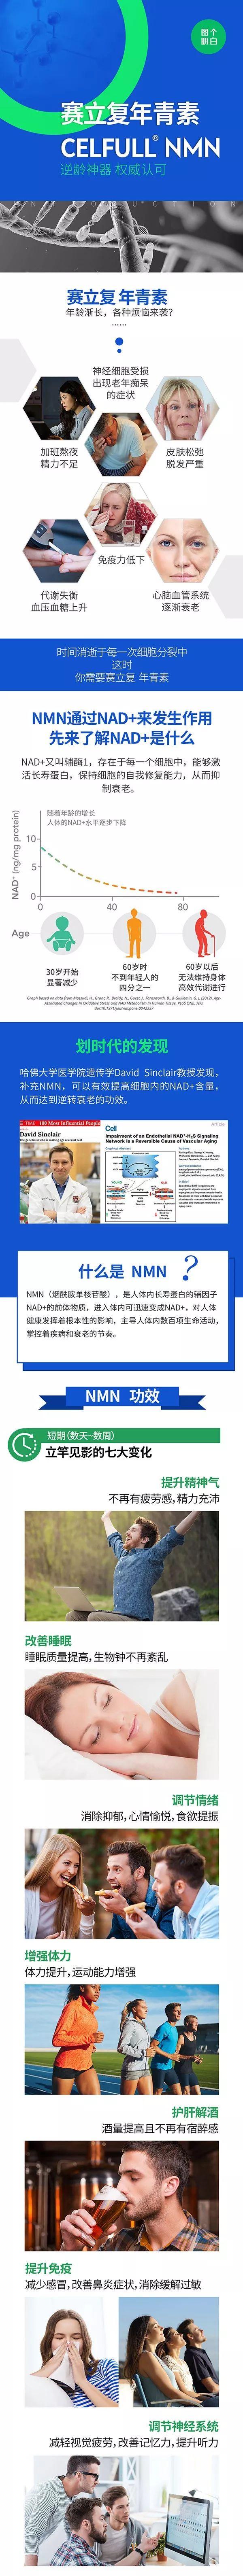 科普 | 赛立复NMN是什么?